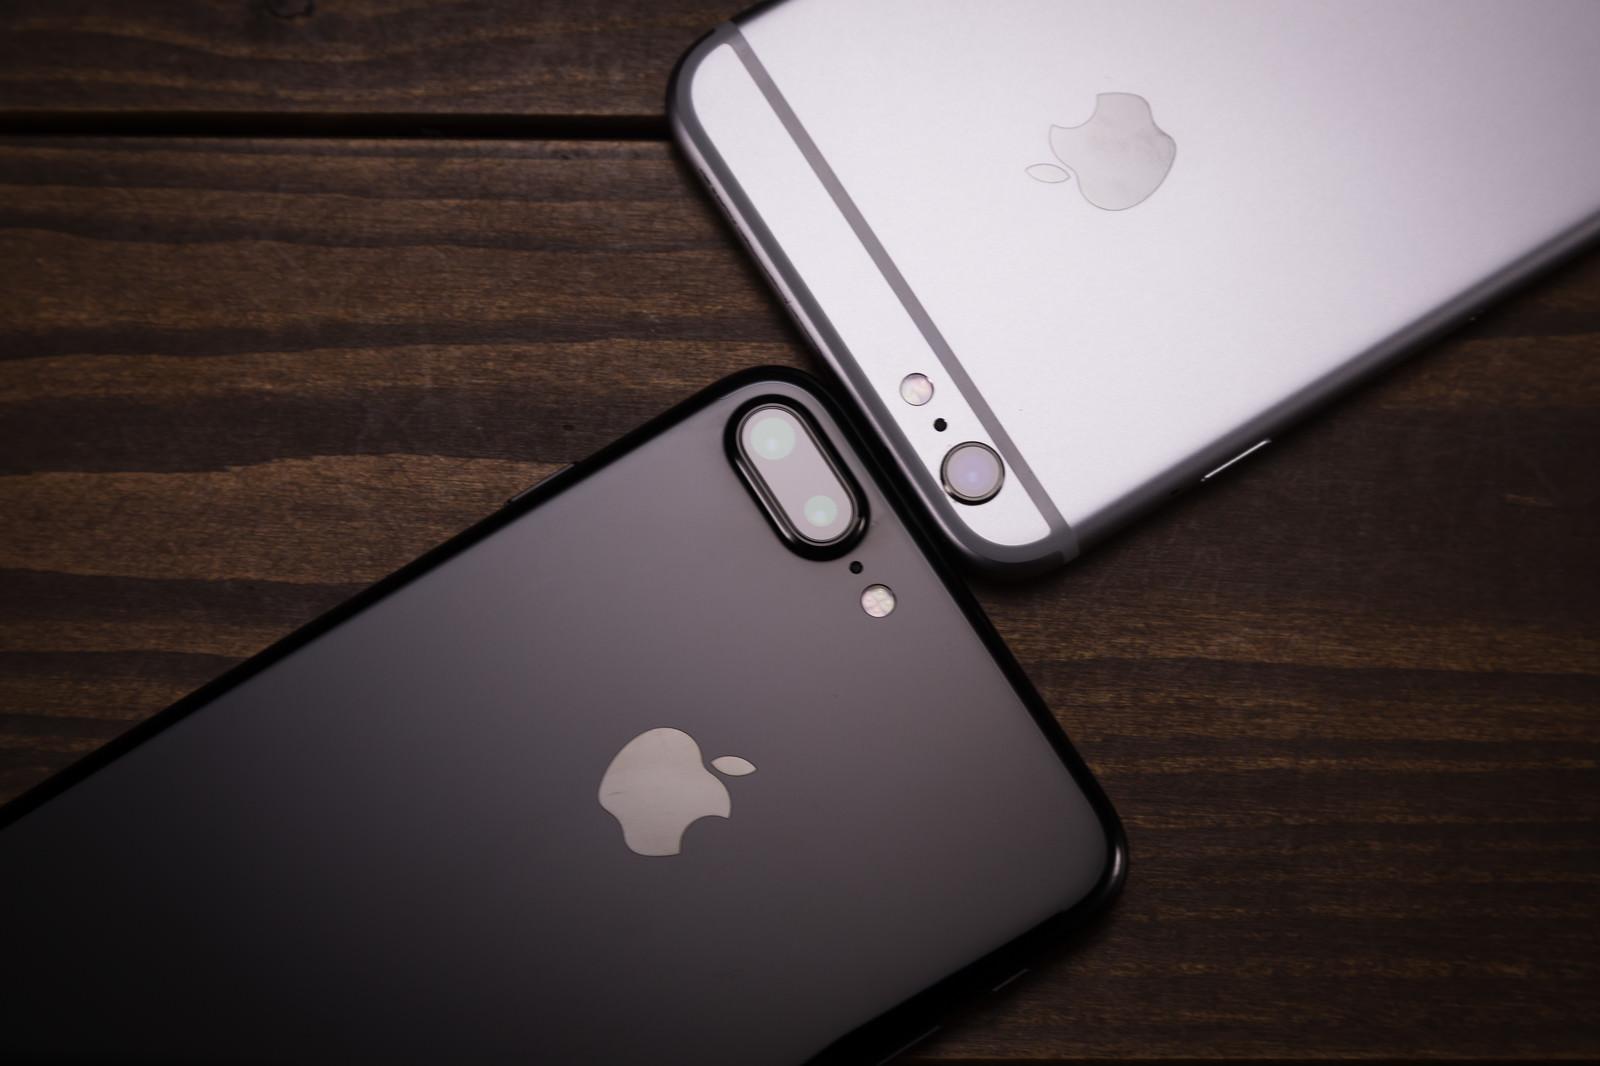 「アンテナラインがまったく目立たず洗練されたデザインへと進化したスマートフォン」の写真